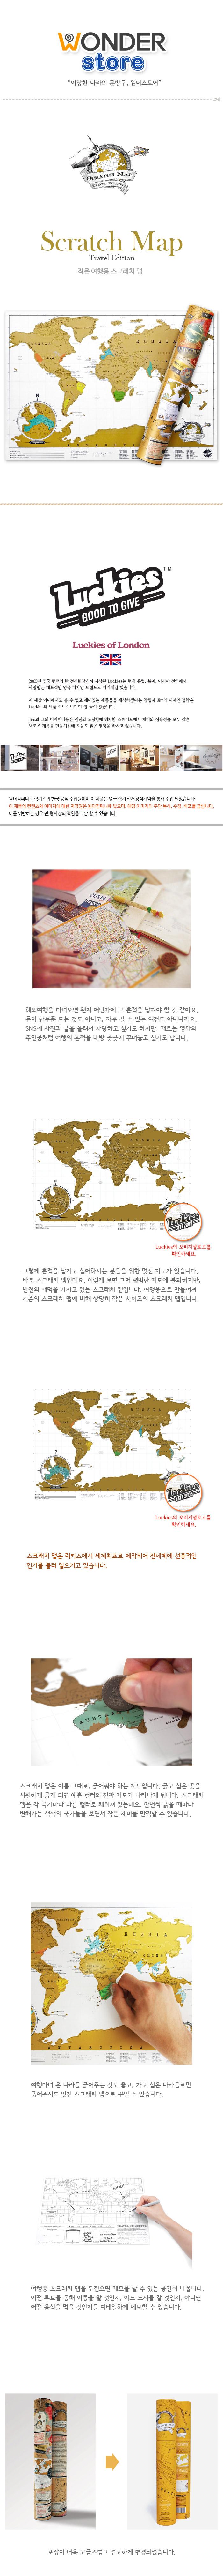 [원더스토어] 럭키스 스크래치 맵 세계지도 (소형사이즈) Scratch Map Travel Edition - 원더스토어, 25,000원, 장식소품, 지구본